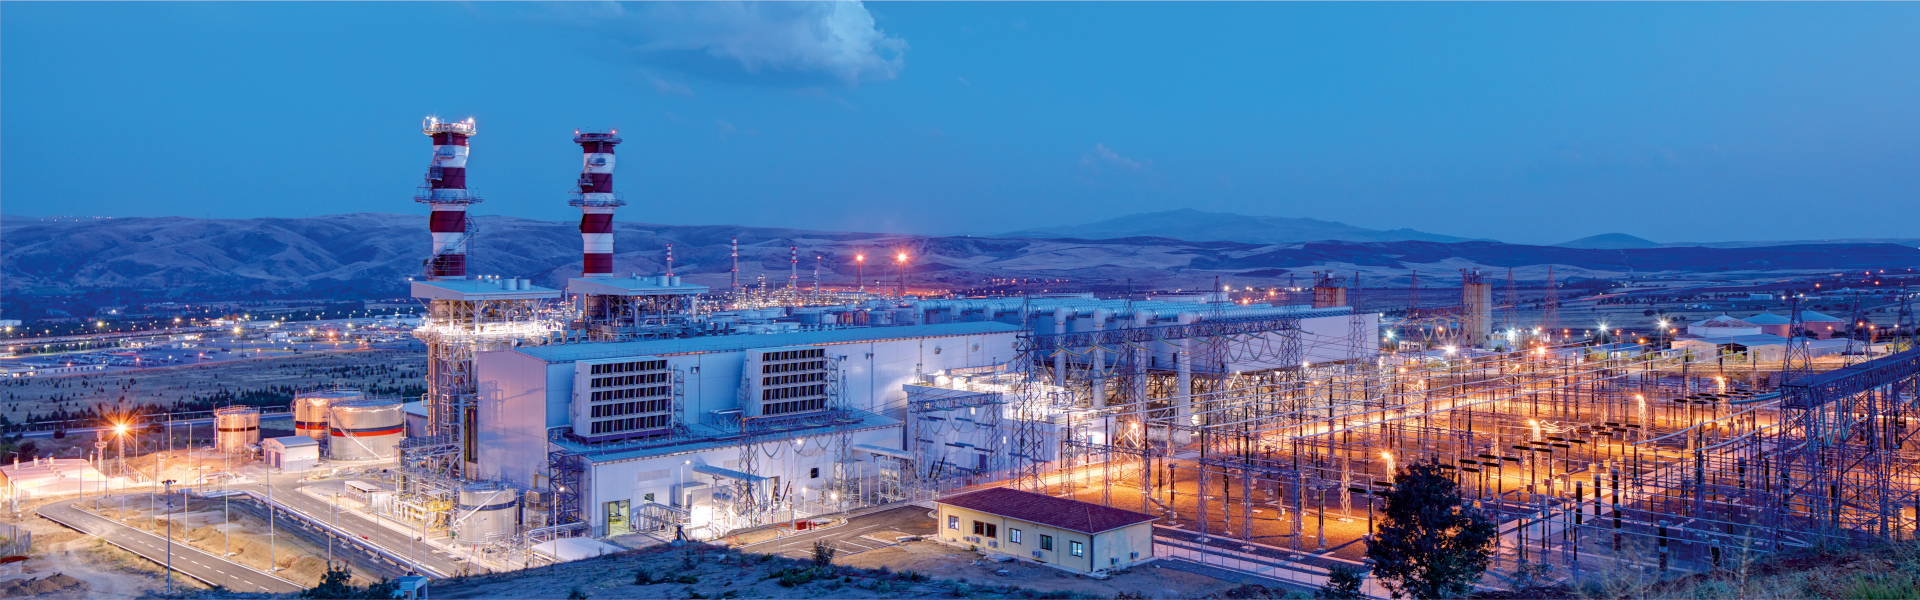 Doğalgazdan elektrik üreten en büyük 10 şirket 1